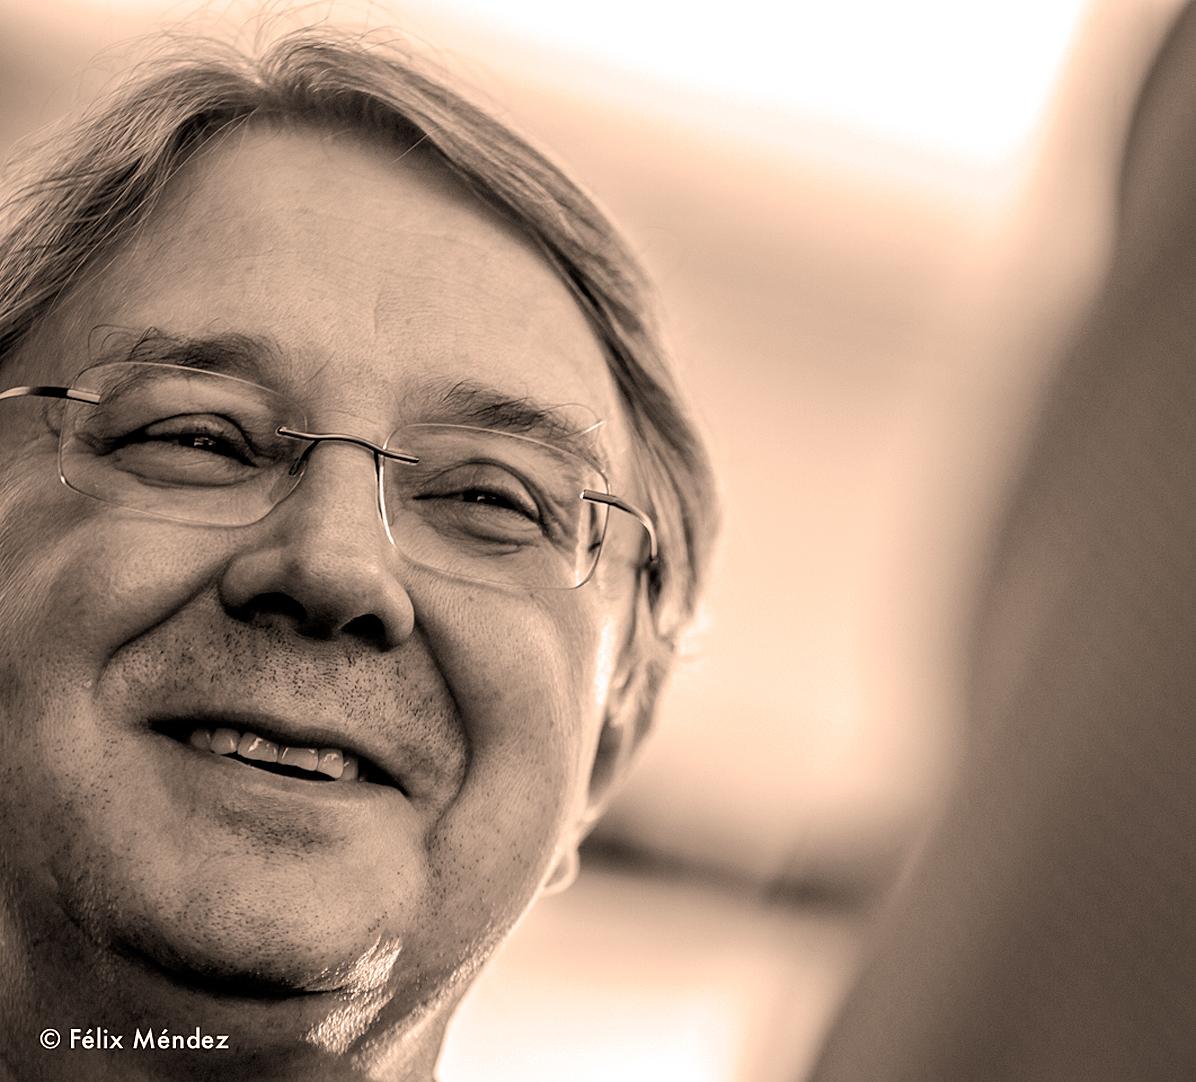 Victor Pablo Pérez - photo: Felix Méndéz Felix